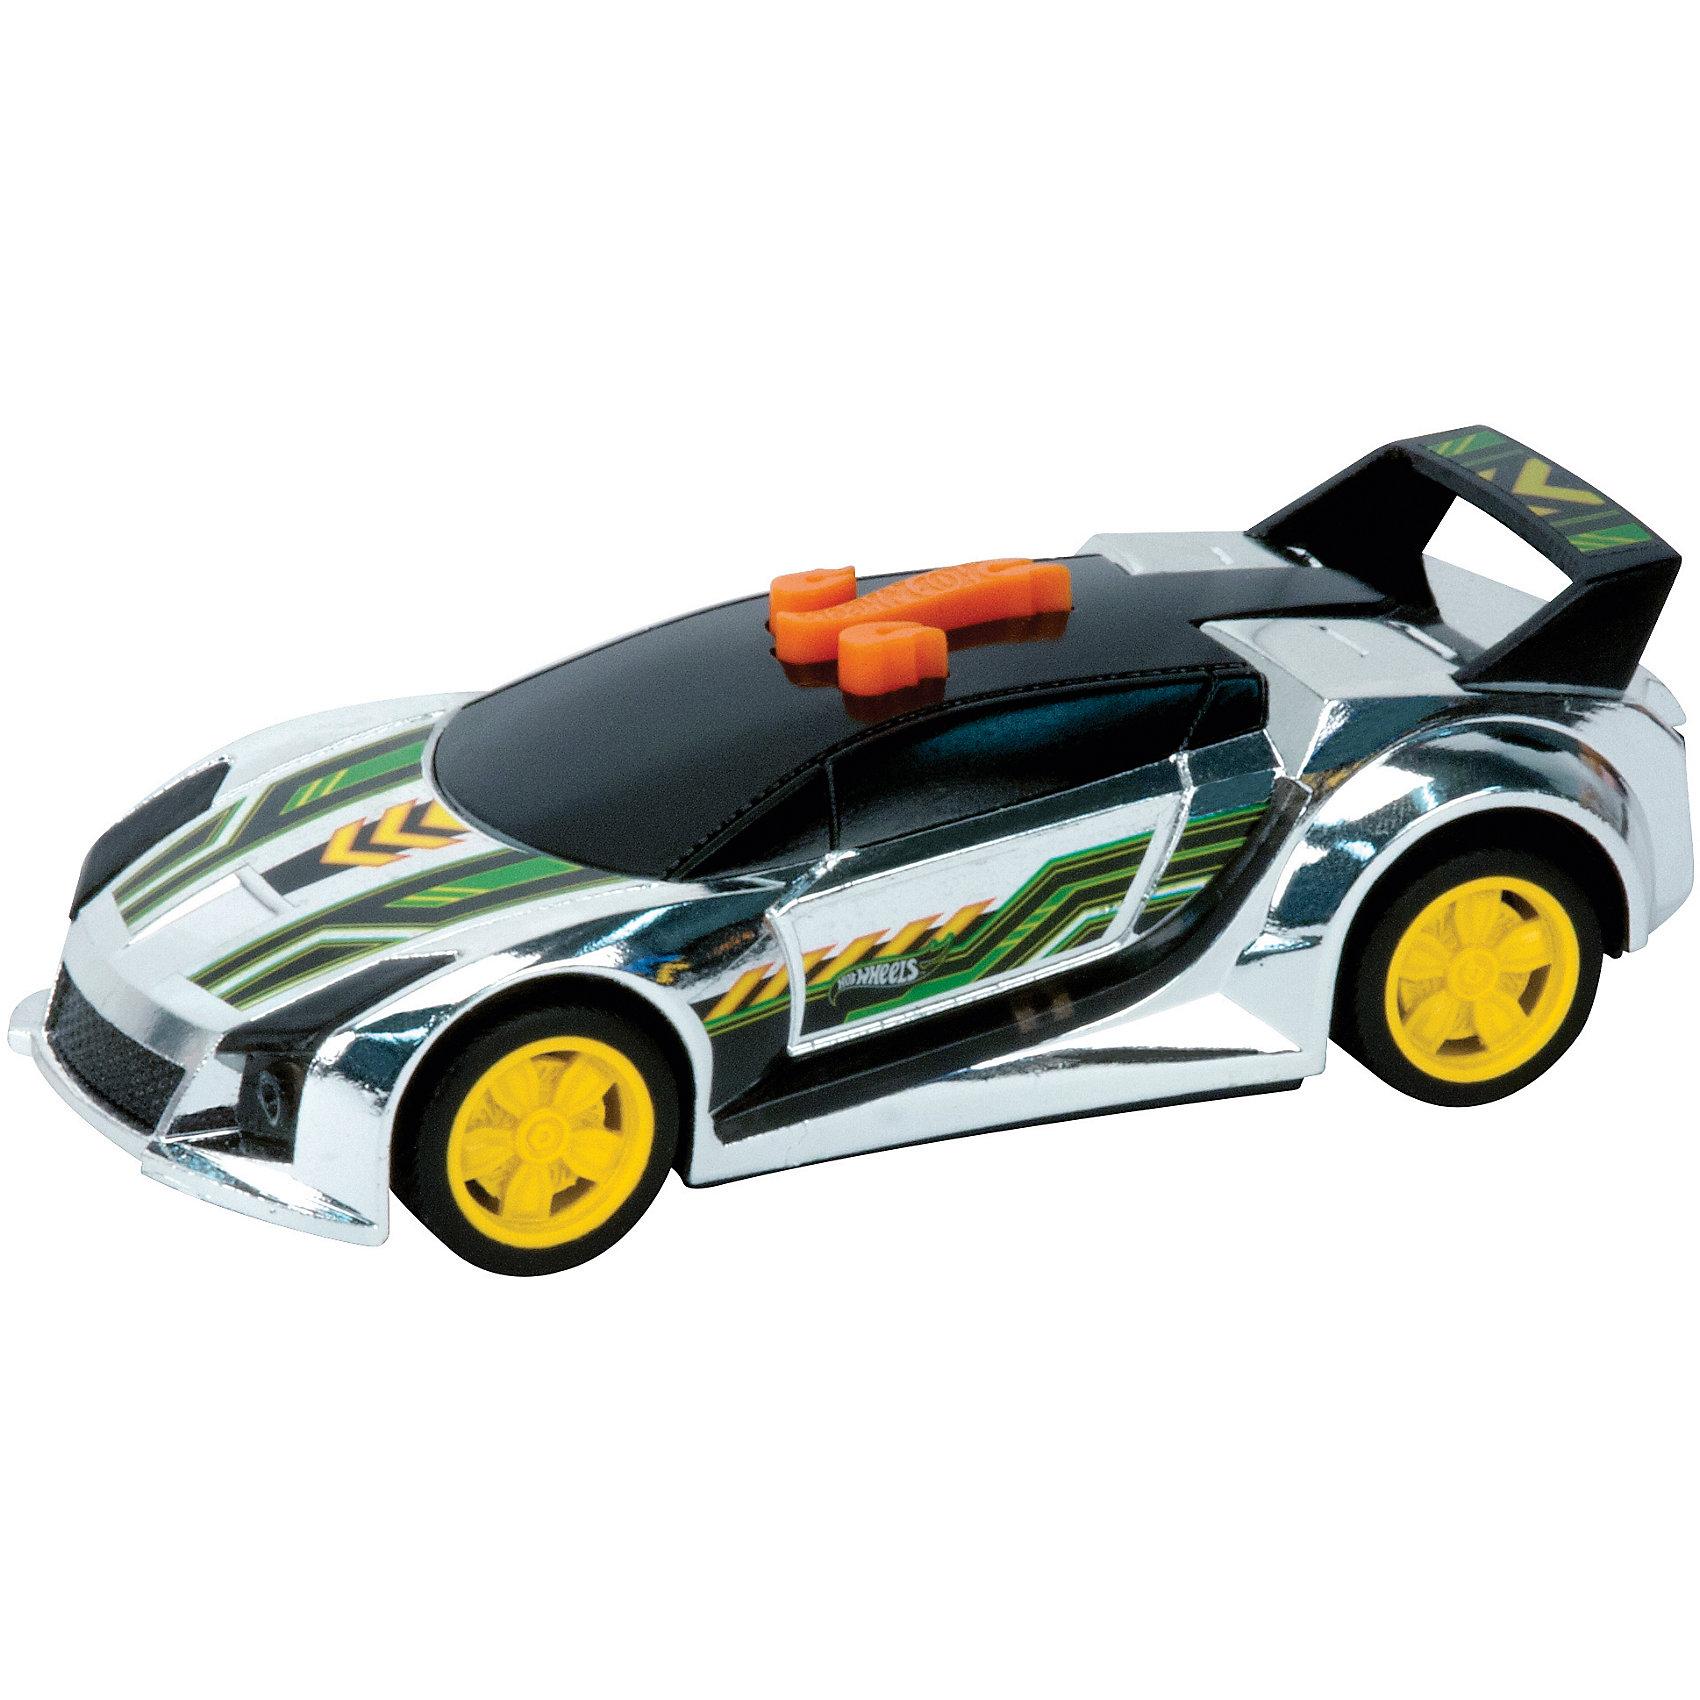 Машинка - Quick 'N Sik (свет, звук), 13,5 см, Hot WheelsХарактеристики товара:<br><br>- цвет: разноцветный;<br>- материал: пластик, металл;<br>- особенности: на батарейках, со звуковыми и световыми эффектами;<br>- вес: 160 г;<br>- размер упаковки: 9х13х18;<br>- батарейки: демонстрационные в комплекте;<br>- размер машинки: 13,5 см.<br><br>Какой мальчишка откажется поиграть с коллекционной машинкой Hot Wheels, которая выглядит как настоящая?! Машинка очень эффектно смотрится, она запускается нажатием кнопки. Игрушка отлично детализирована, очень качественно выполнена, поэтому она станет отличным подарком ребенку. Продается в красивой упаковке.<br>Изделия произведены из высококачественного материала, безопасного для детей.<br><br>Машинку Черный спойлер Hot Wheels можно купить в нашем интернет-магазине.<br><br>Ширина мм: 89<br>Глубина мм: 127<br>Высота мм: 158<br>Вес г: 166<br>Возраст от месяцев: 36<br>Возраст до месяцев: 2147483647<br>Пол: Мужской<br>Возраст: Детский<br>SKU: 5066723